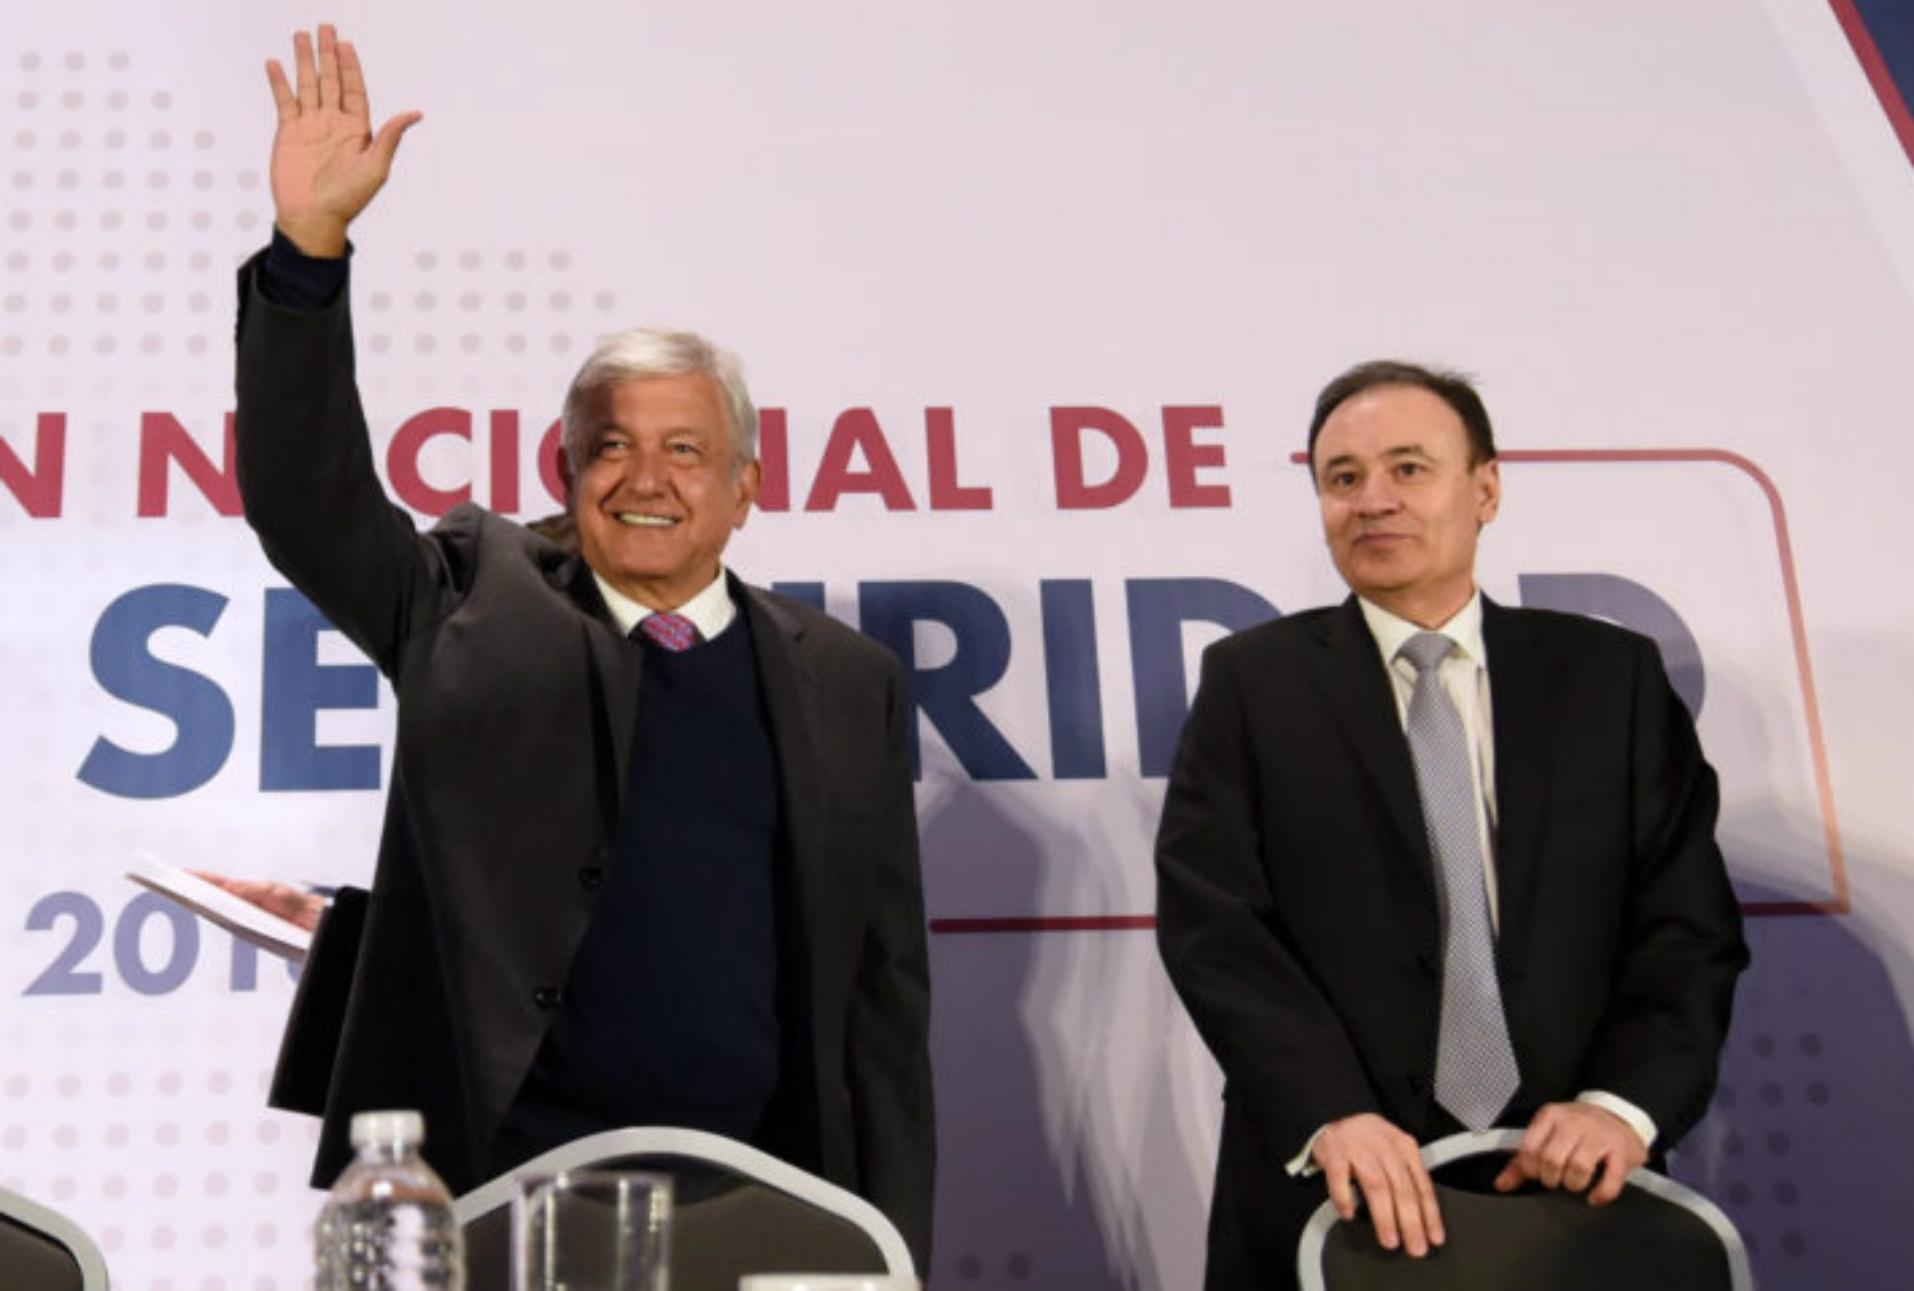 Posicionamiento frente a las declaraciones del Presidente López Obrador y el Secretario Durazo acerca del cese de acciones de vigilancia y espionaje por parte del Estado